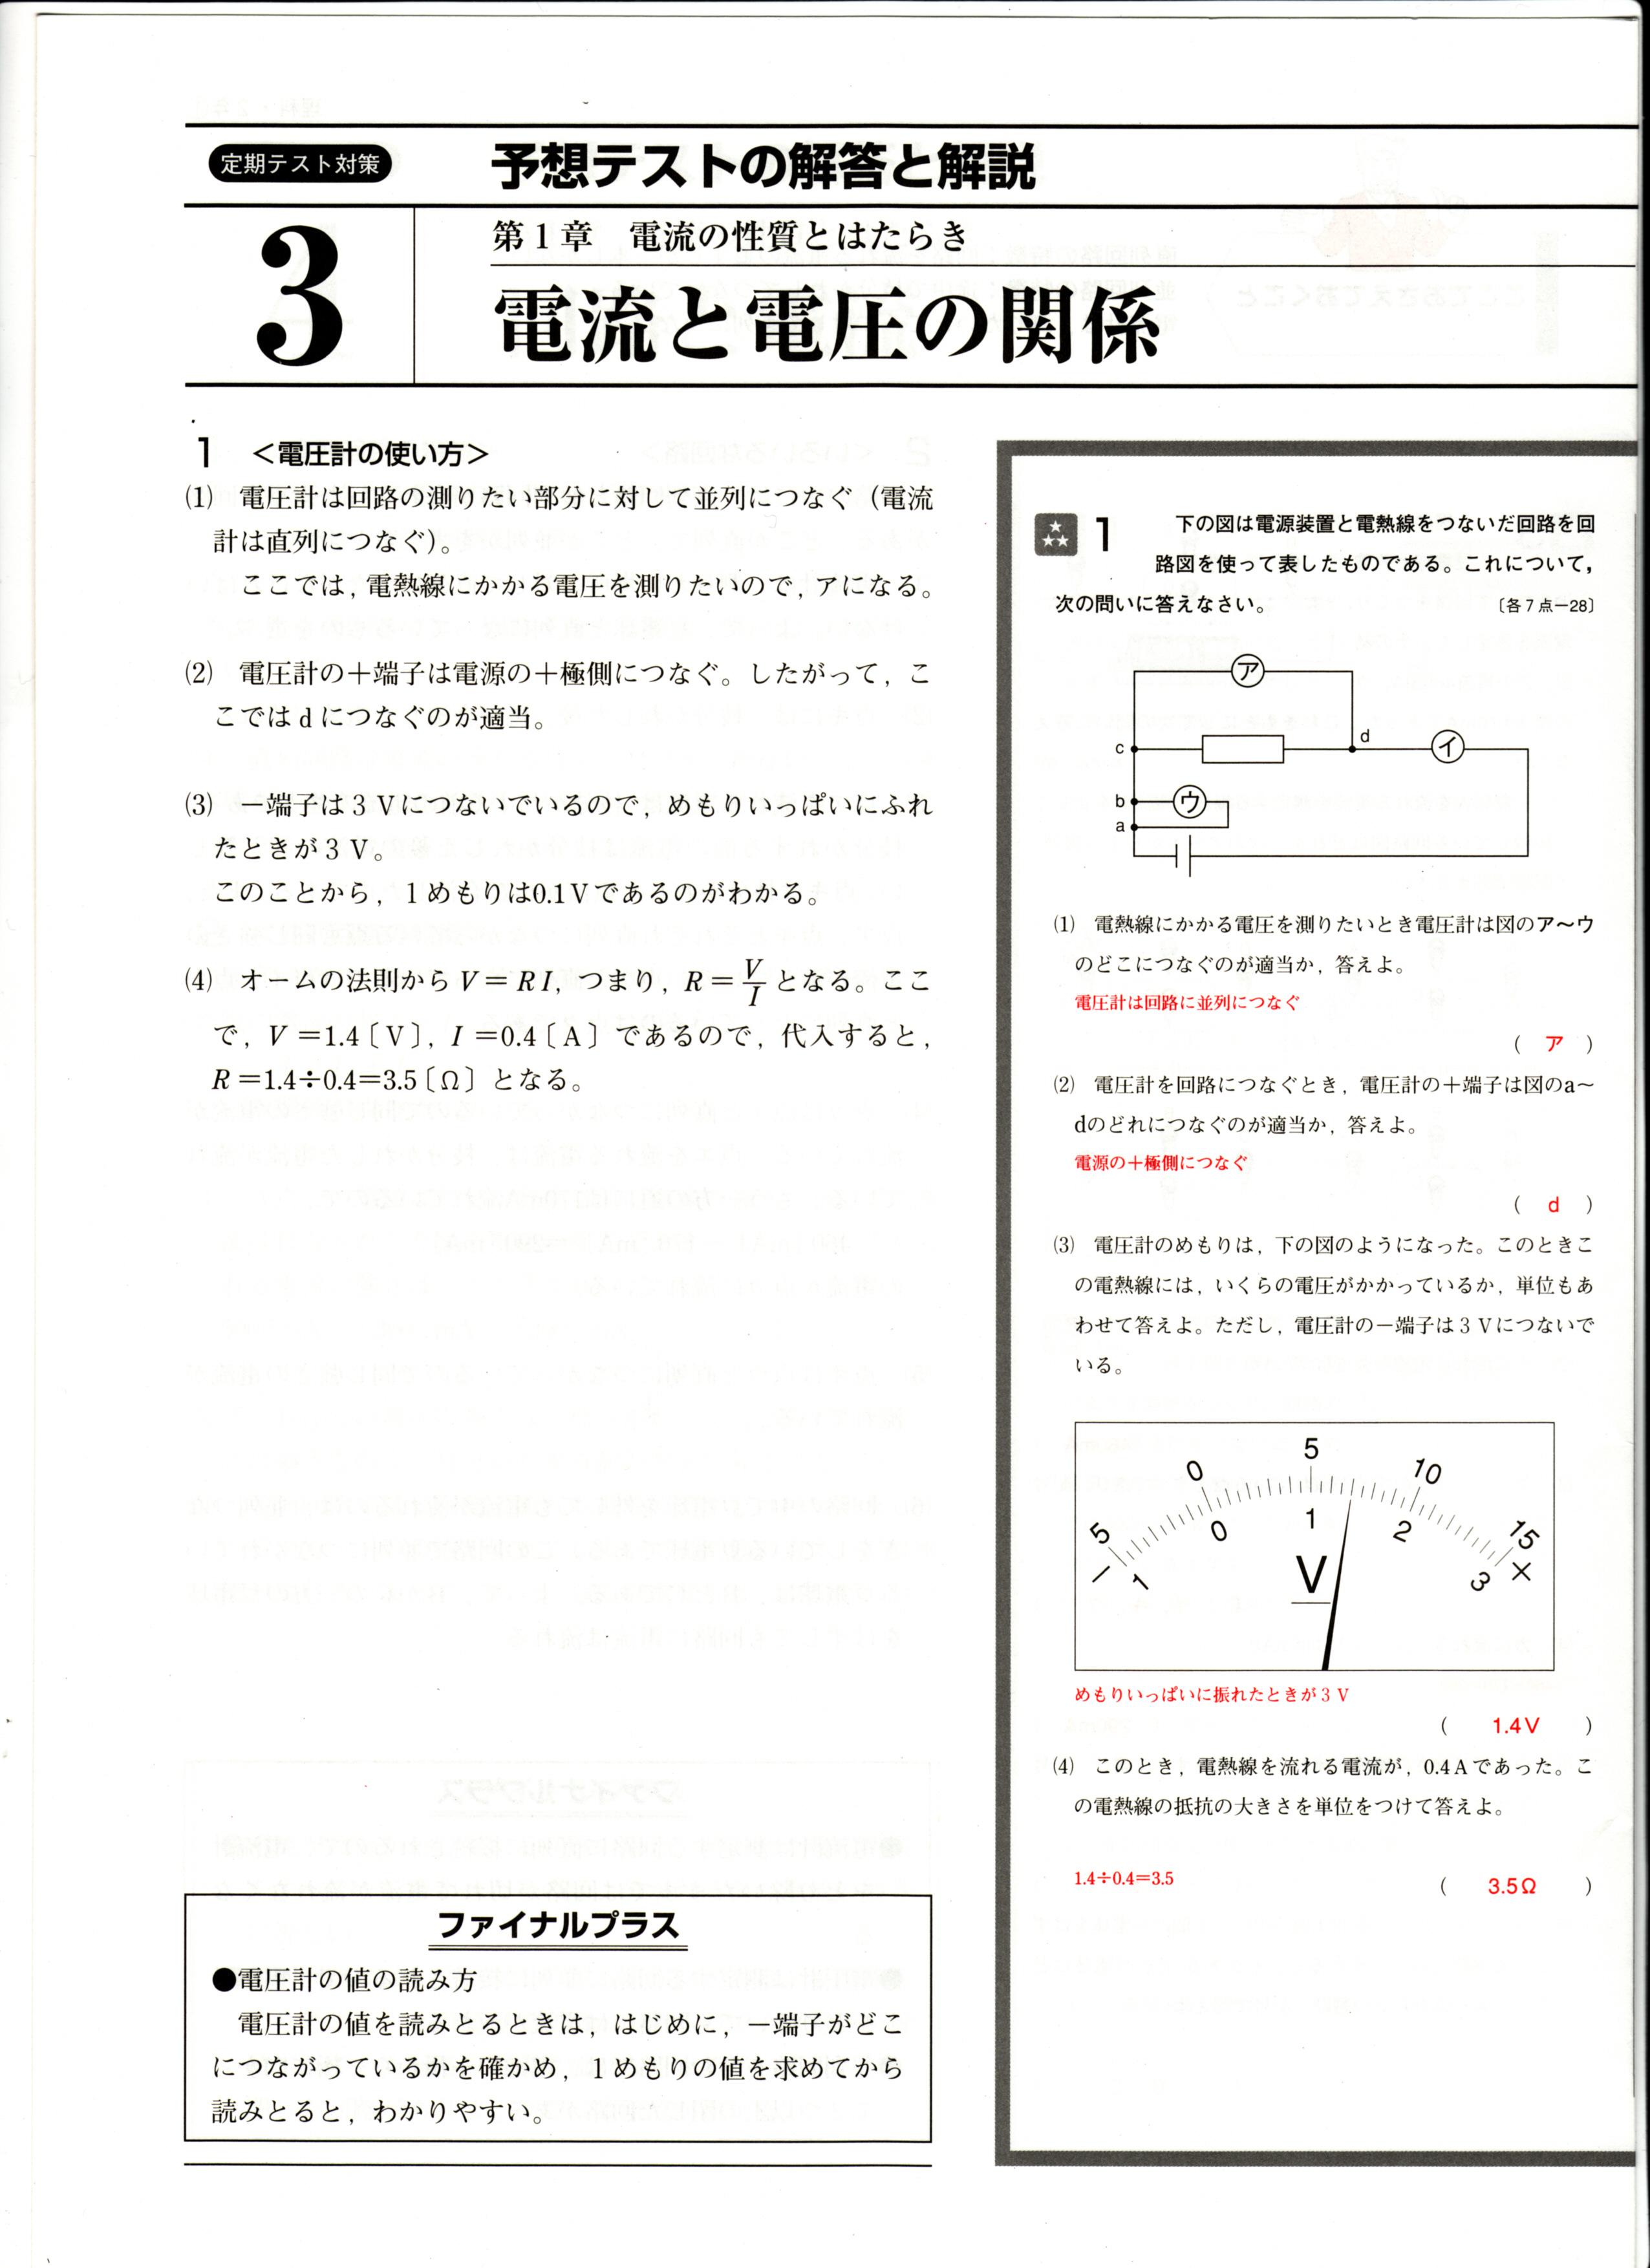 デイリーエースナビ理科中2 定期テスト対策 解答・解説